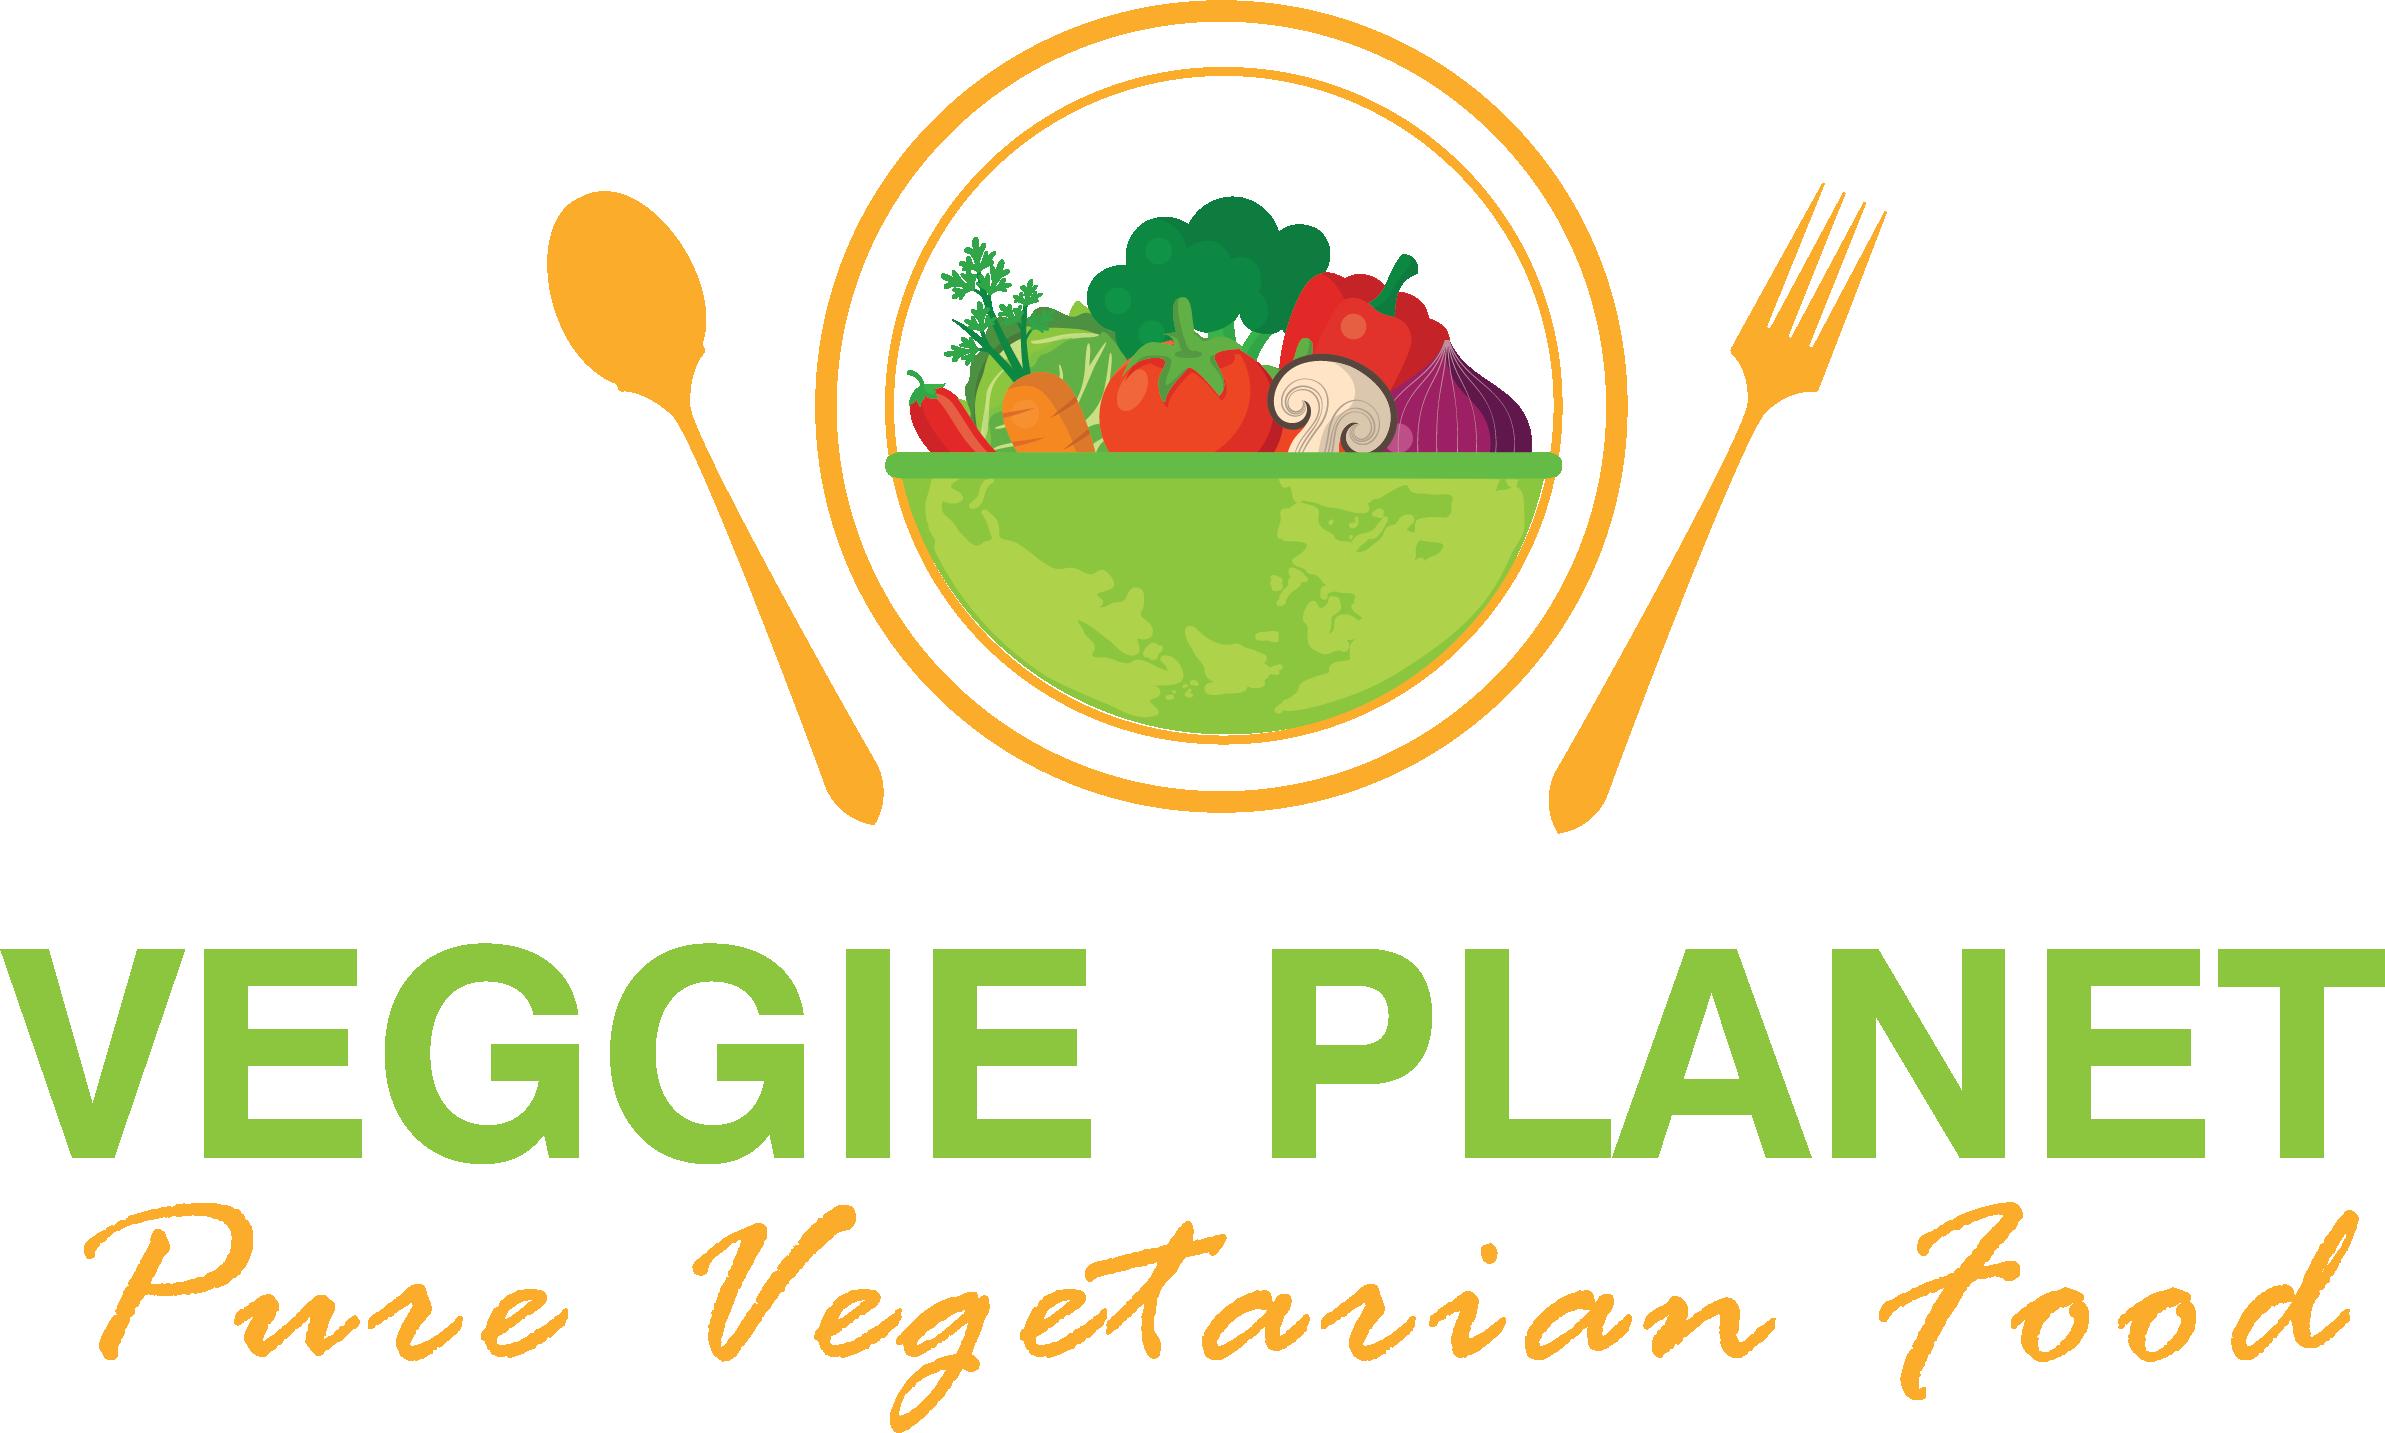 Clipart vegetables vegetable food group, Clipart vegetables vegetable food  group Transparent FREE for download on WebStockReview 2020